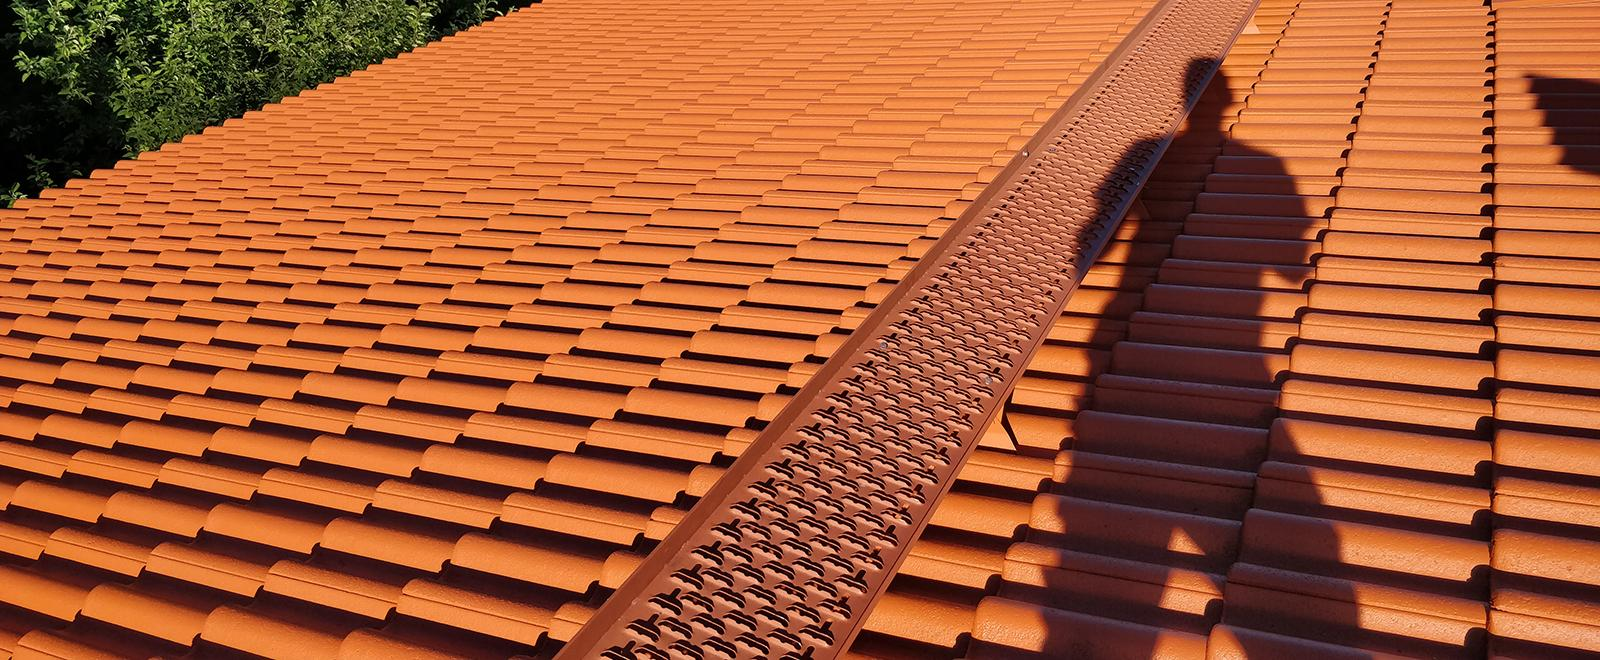 asiakastarinat tuovat esille kattohuoltojen edut – tutustu tarinoihin ja tilaa kuntotarkastus.